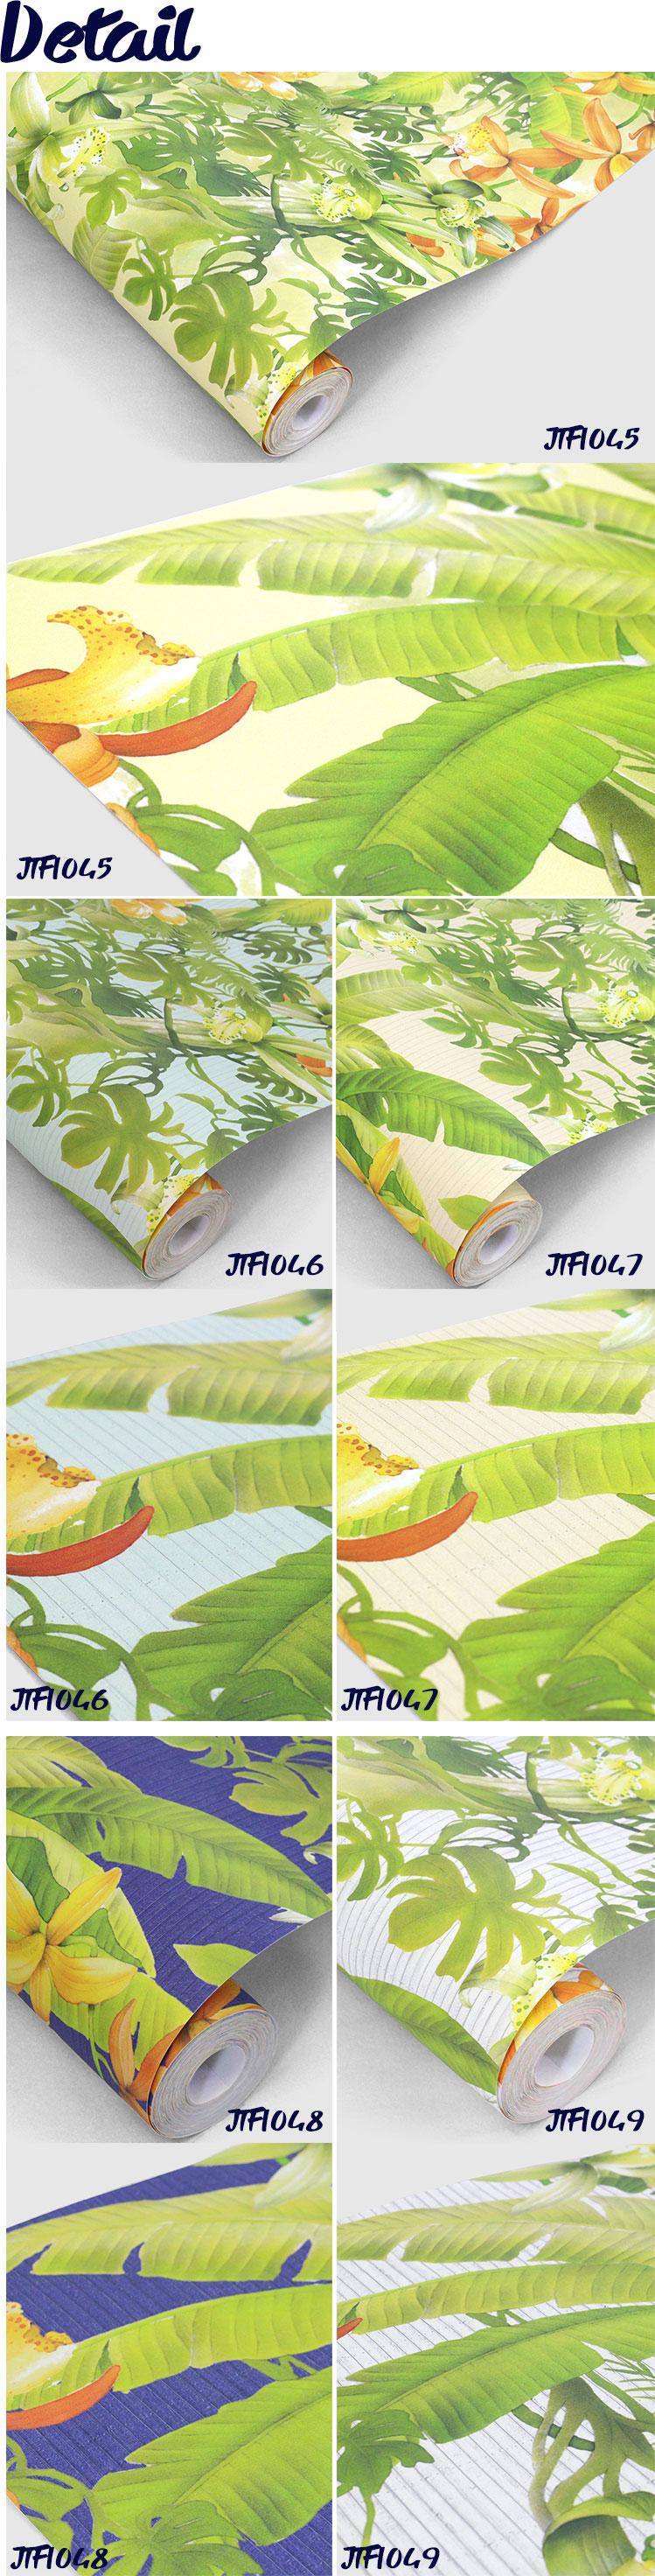 最安値挑戦 Pineapple Botanical 貼ってはがせる壁紙 はがせる 賃貸ok フリース壁紙 壁紙 壁紙 おしゃれ 壁紙 はがせる壁紙 不織布 日本製 ハワイ 南国 壁紙 木目 ハワイアン アンティーク ヴィンテージ 壁紙 ジュブリー Wallpaper Jebrille 壁紙 パイナップル